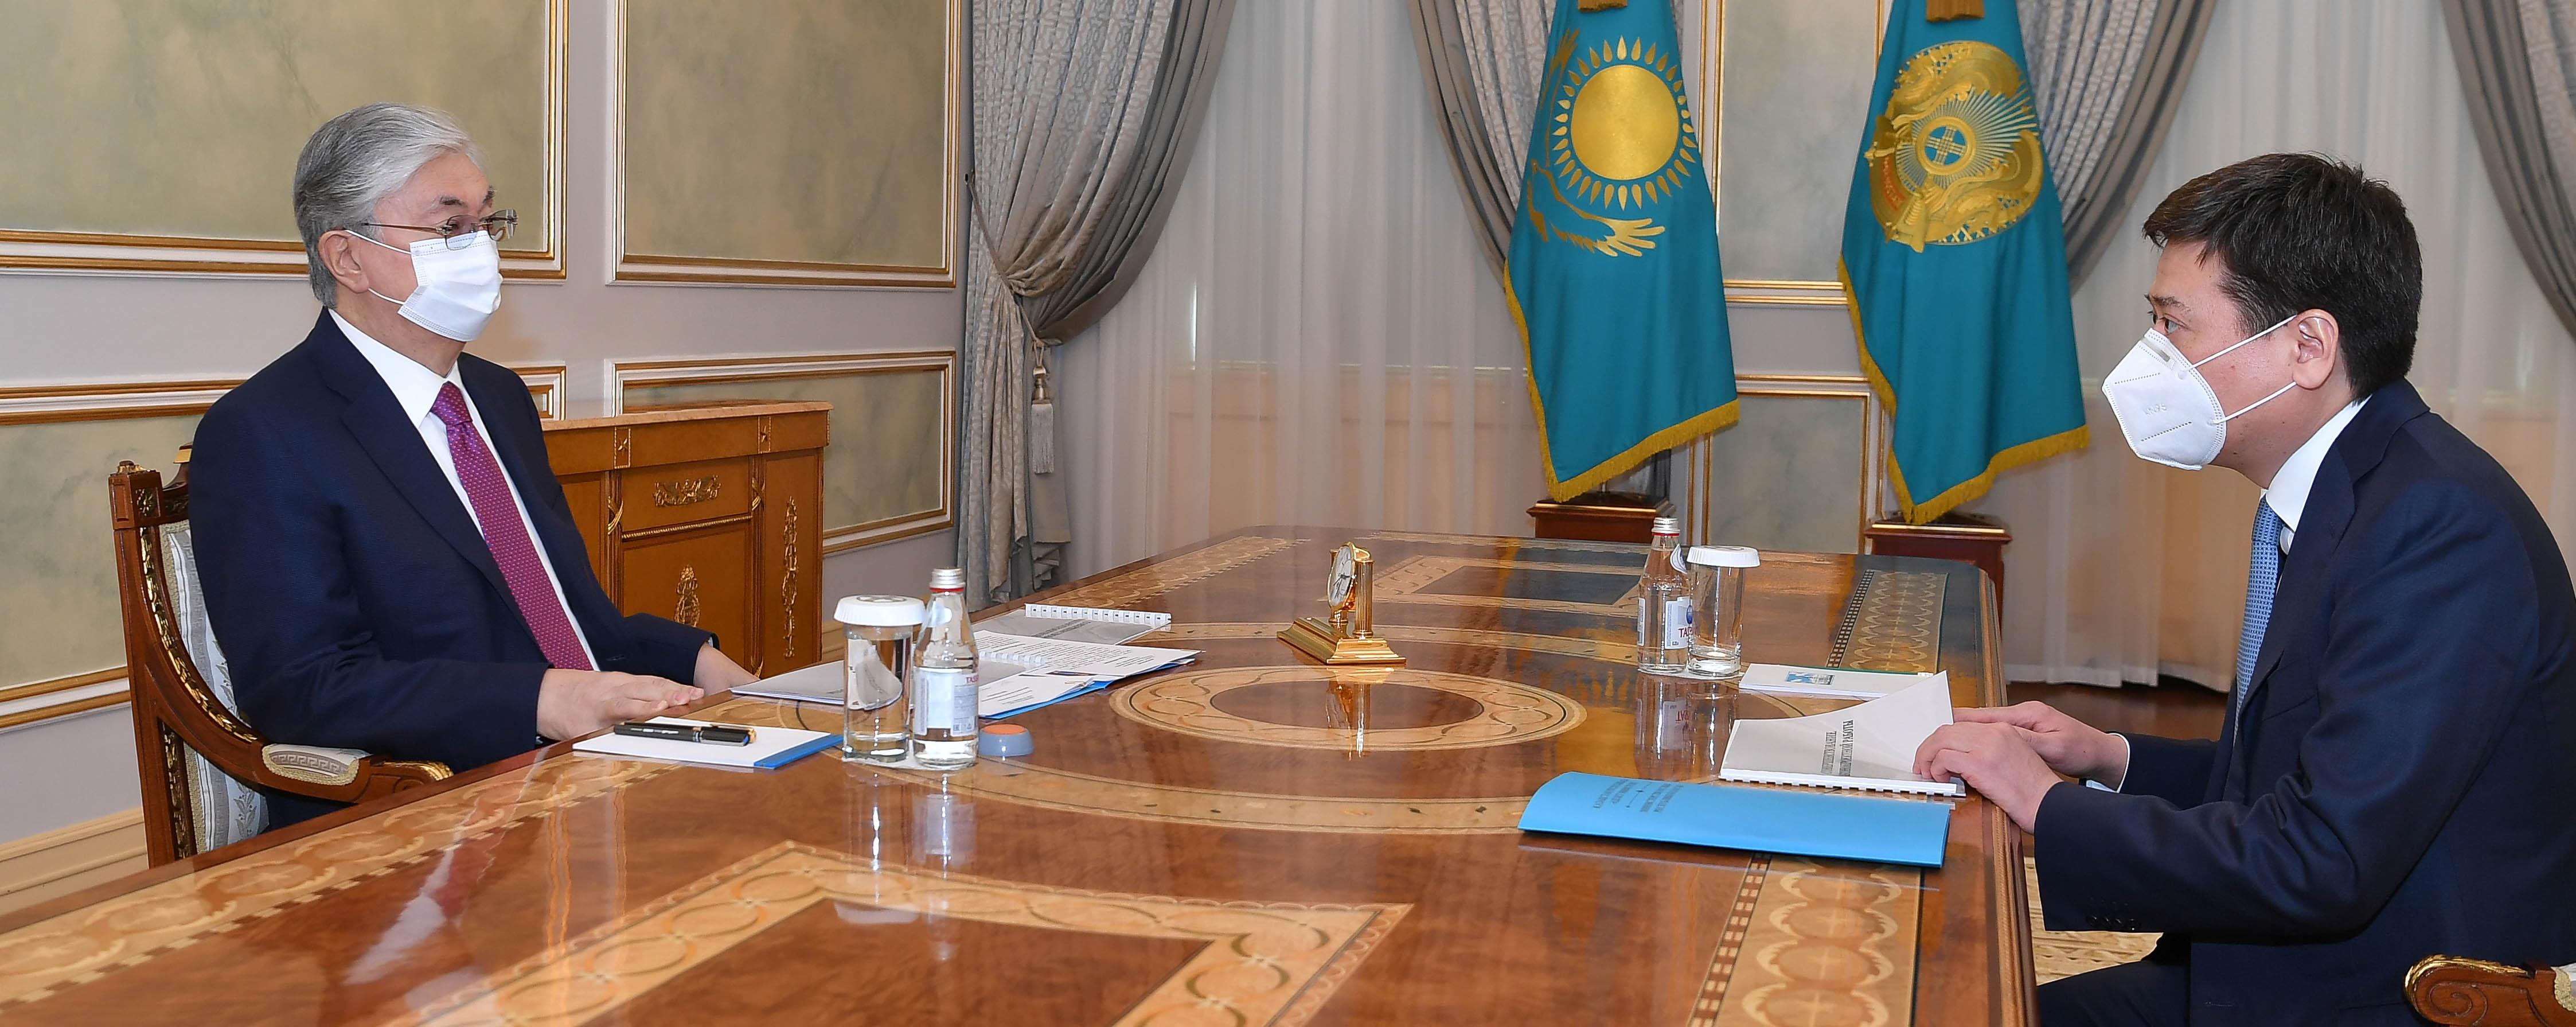 Глава минюста доложил президенту об основных итогах работы ведомства за прошлый год